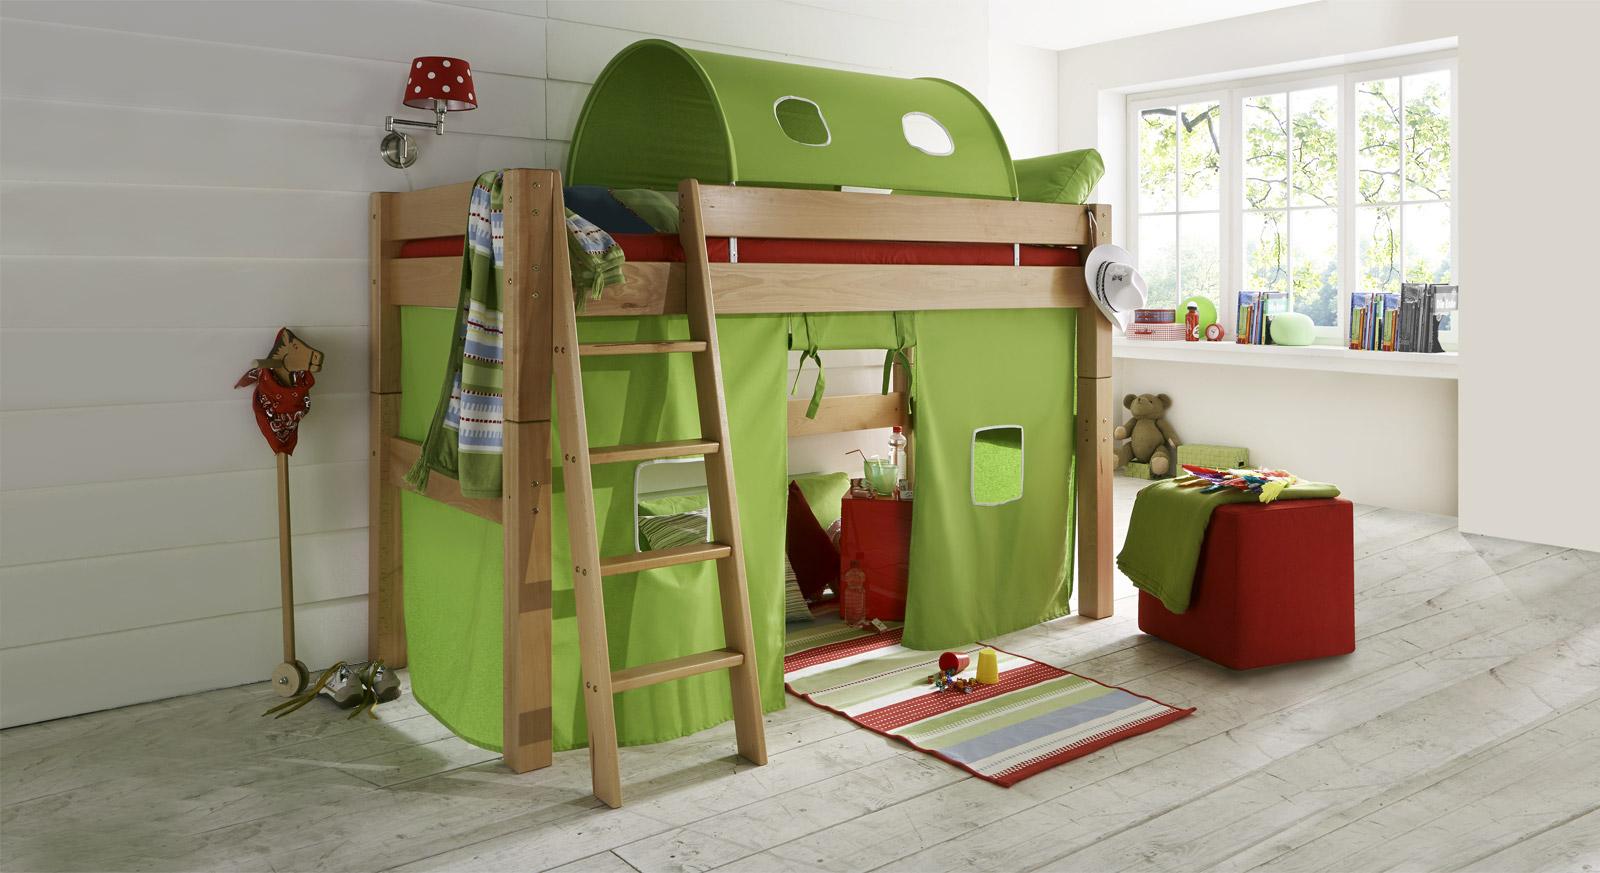 Etagenbett Mit Sofa Fantasy : Tolles kinderhochbett mit leiter kids fantasy betten